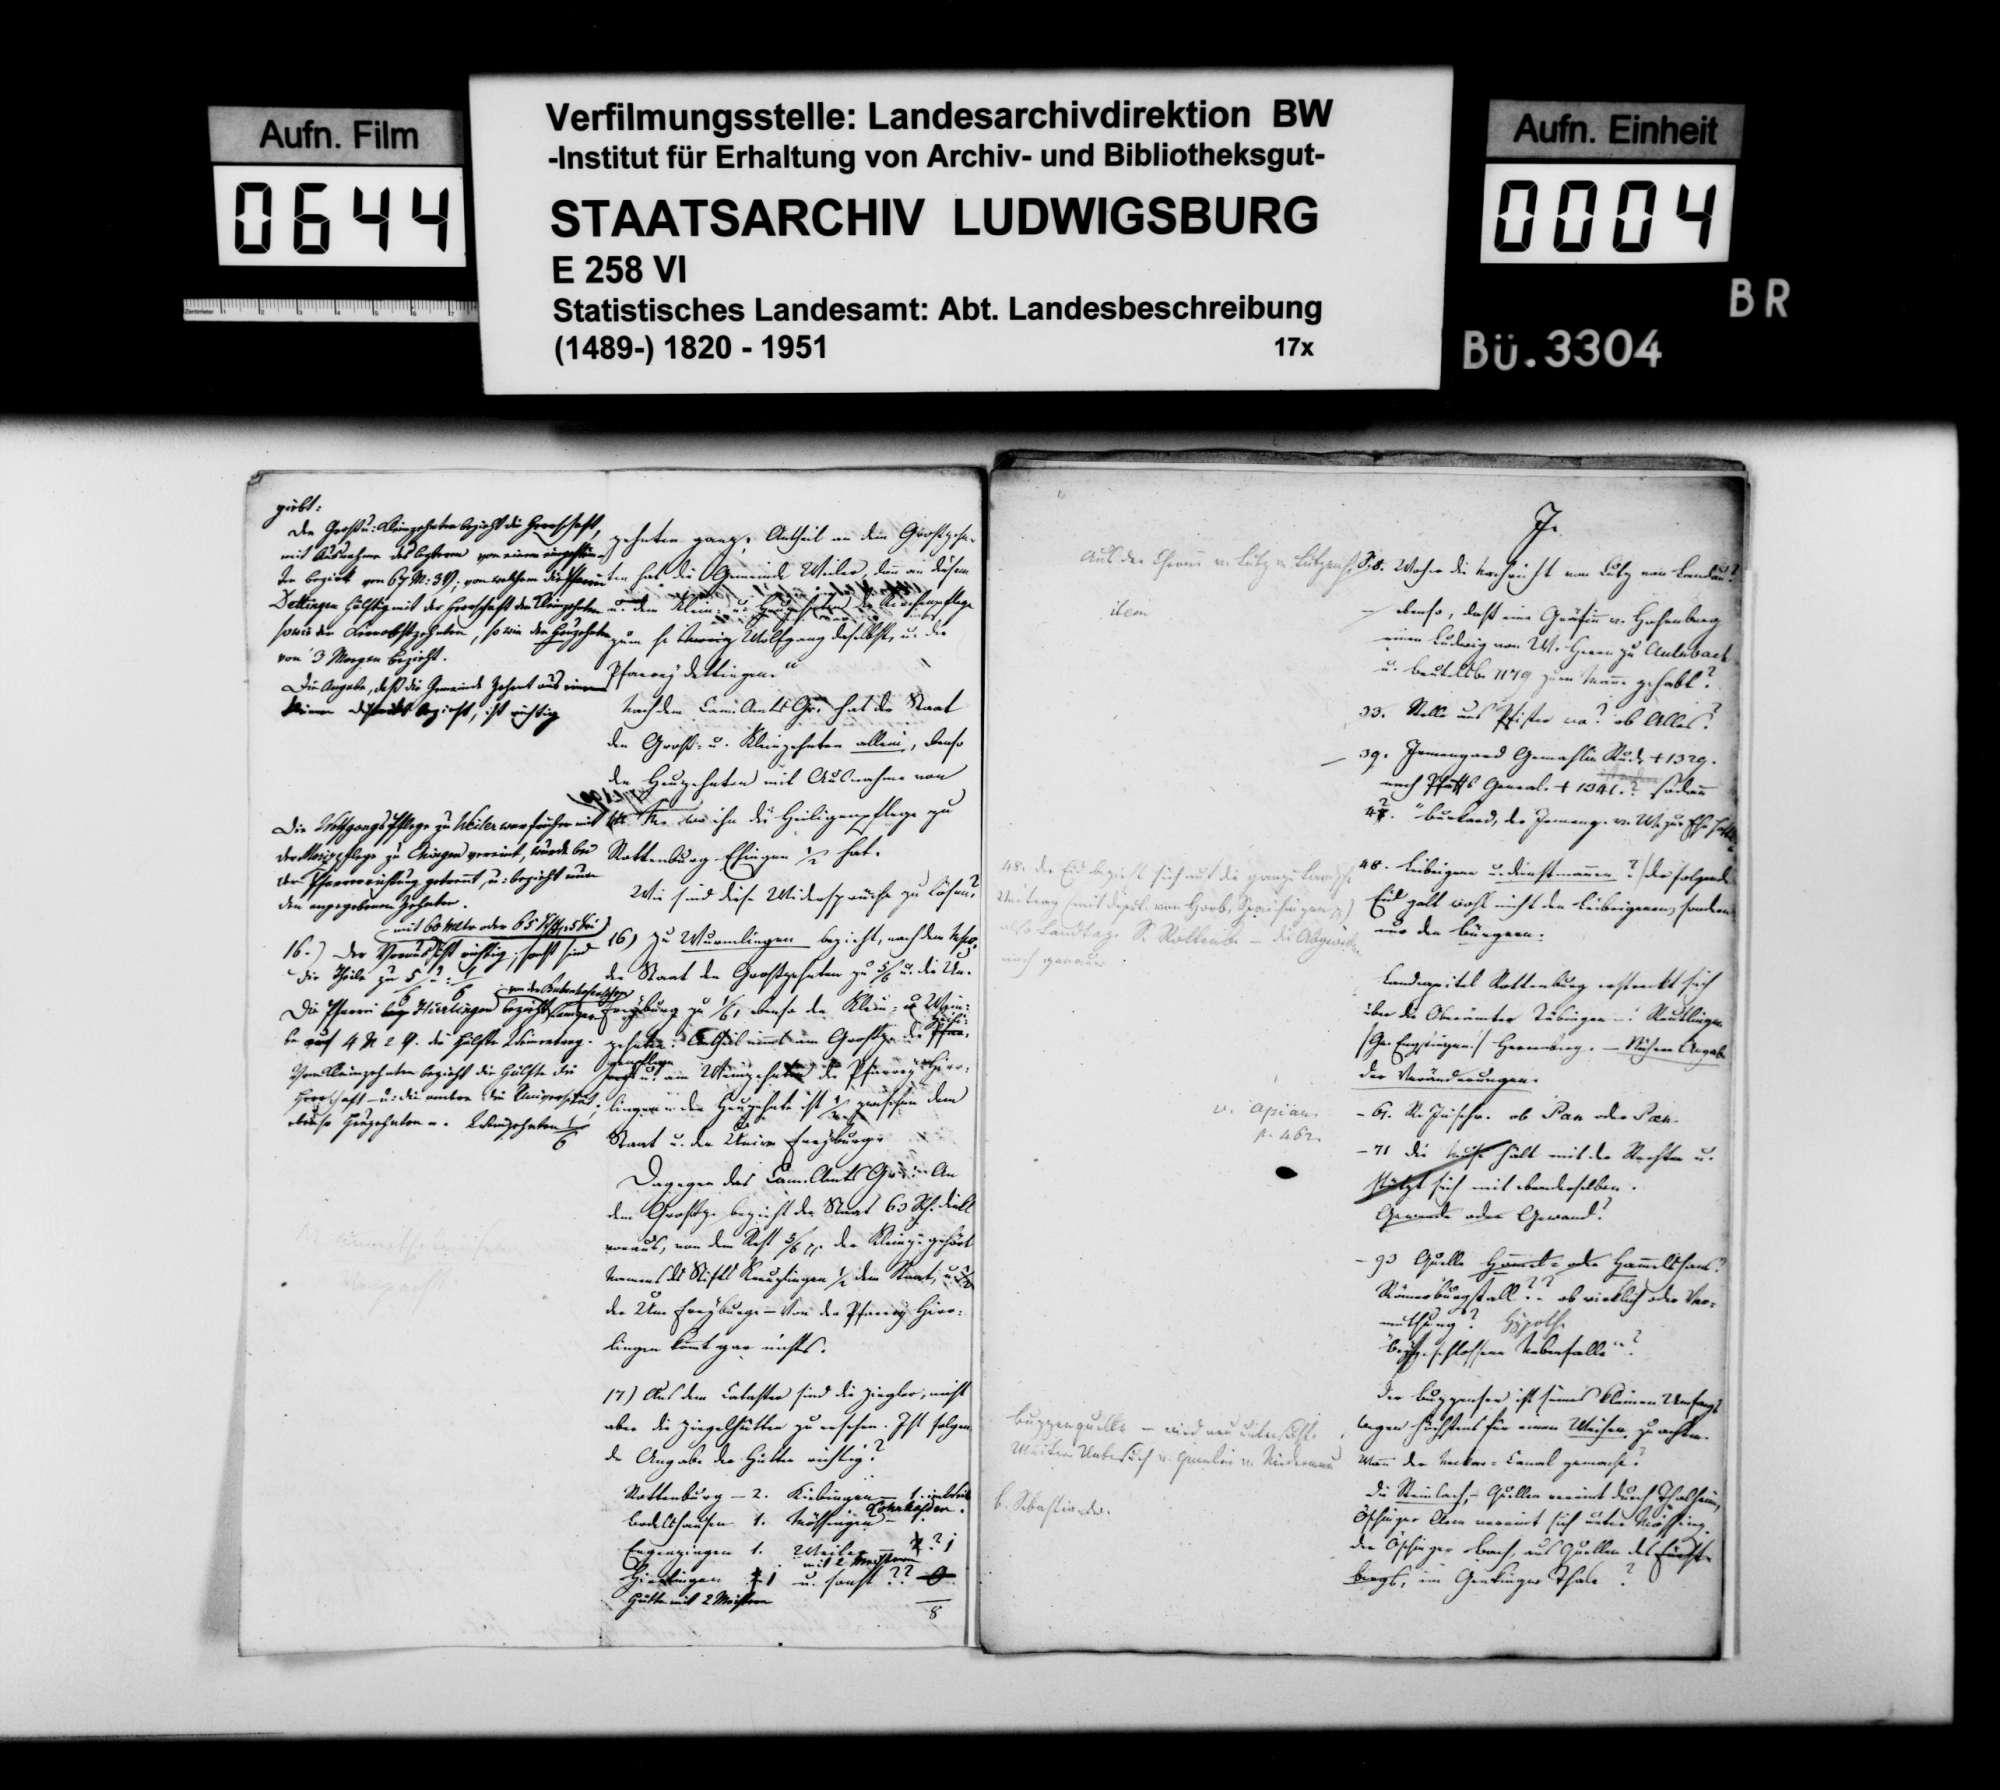 Anstände und Nachfragen des Professors Memminger, amtliche Auskünfte zum Manuskript der OAB, Bild 3